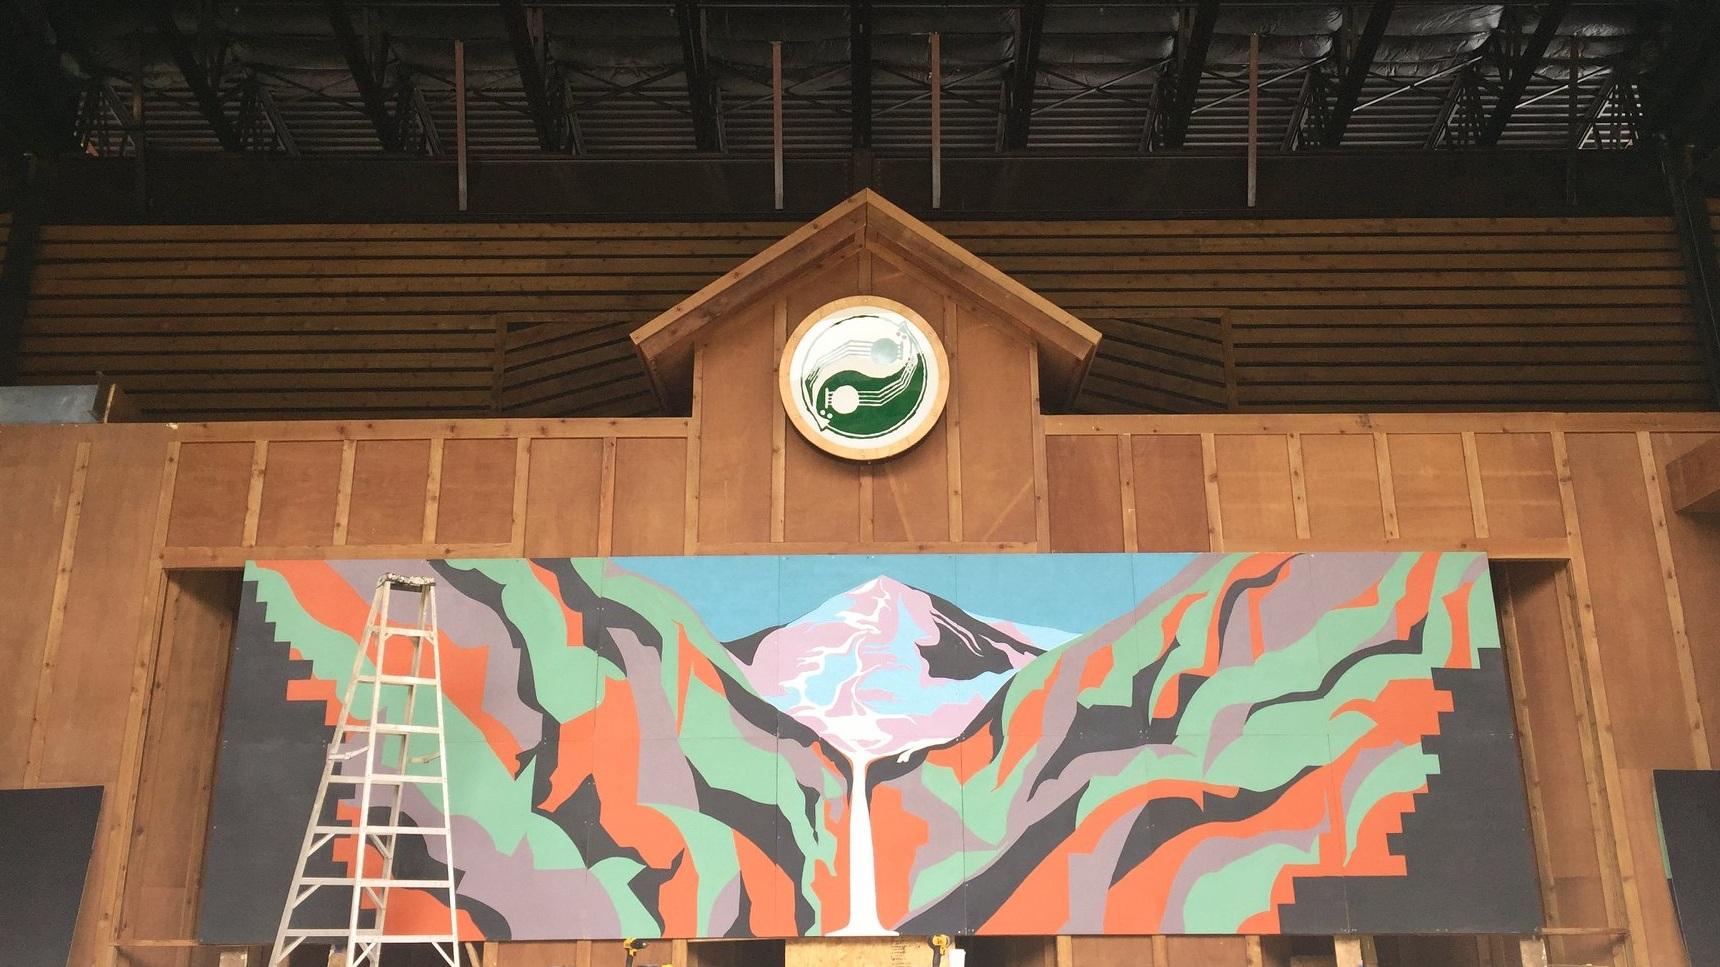 46th Annual Telluride Bluegrass Festival - June 20th through June 23rd